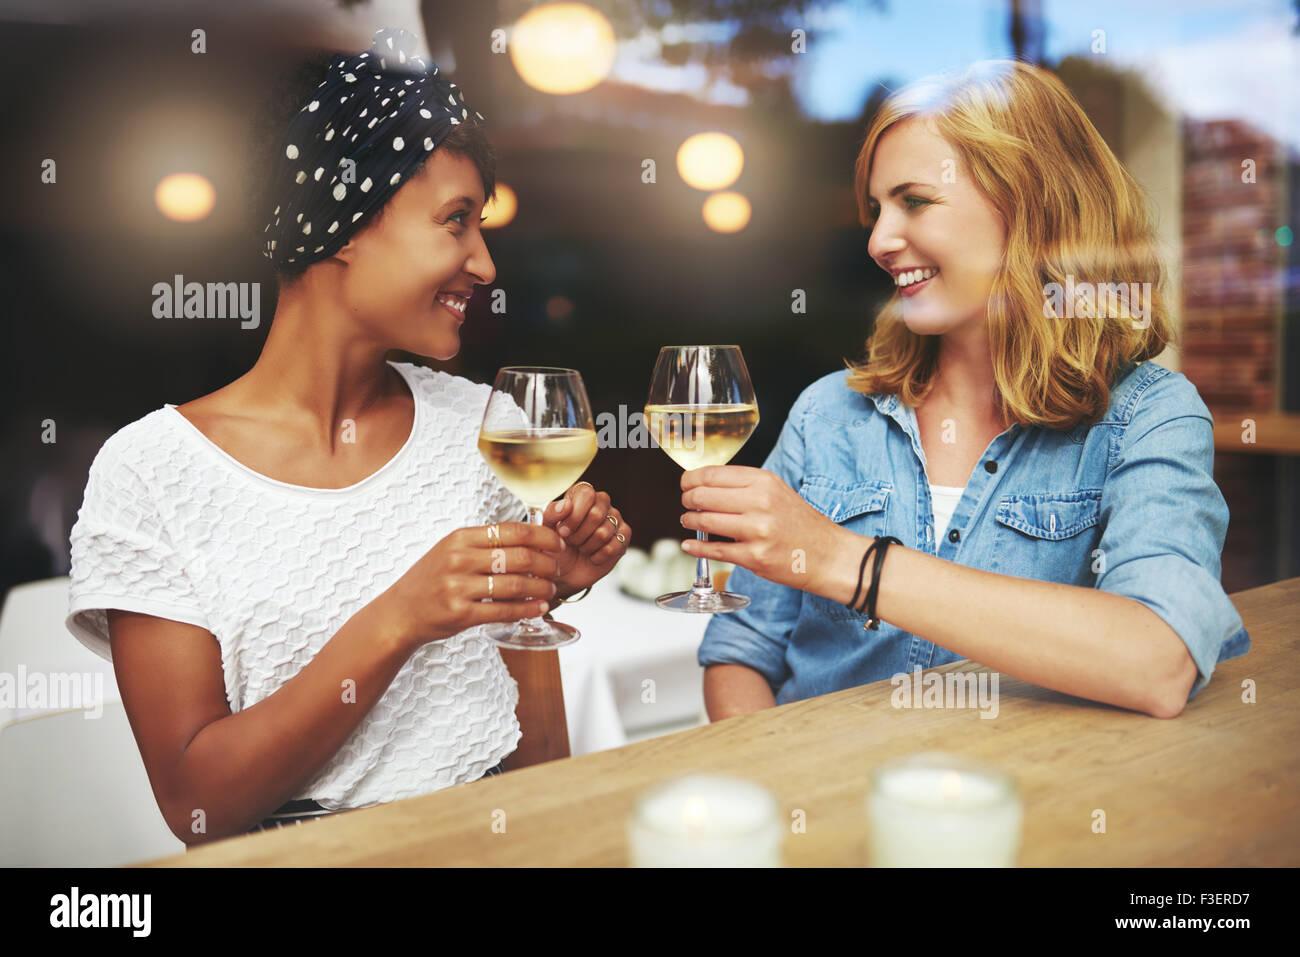 Piuttosto giovani donne la tostatura a vicenda con i bicchieri di vino bianco come si incontrano in un pub per una Immagini Stock